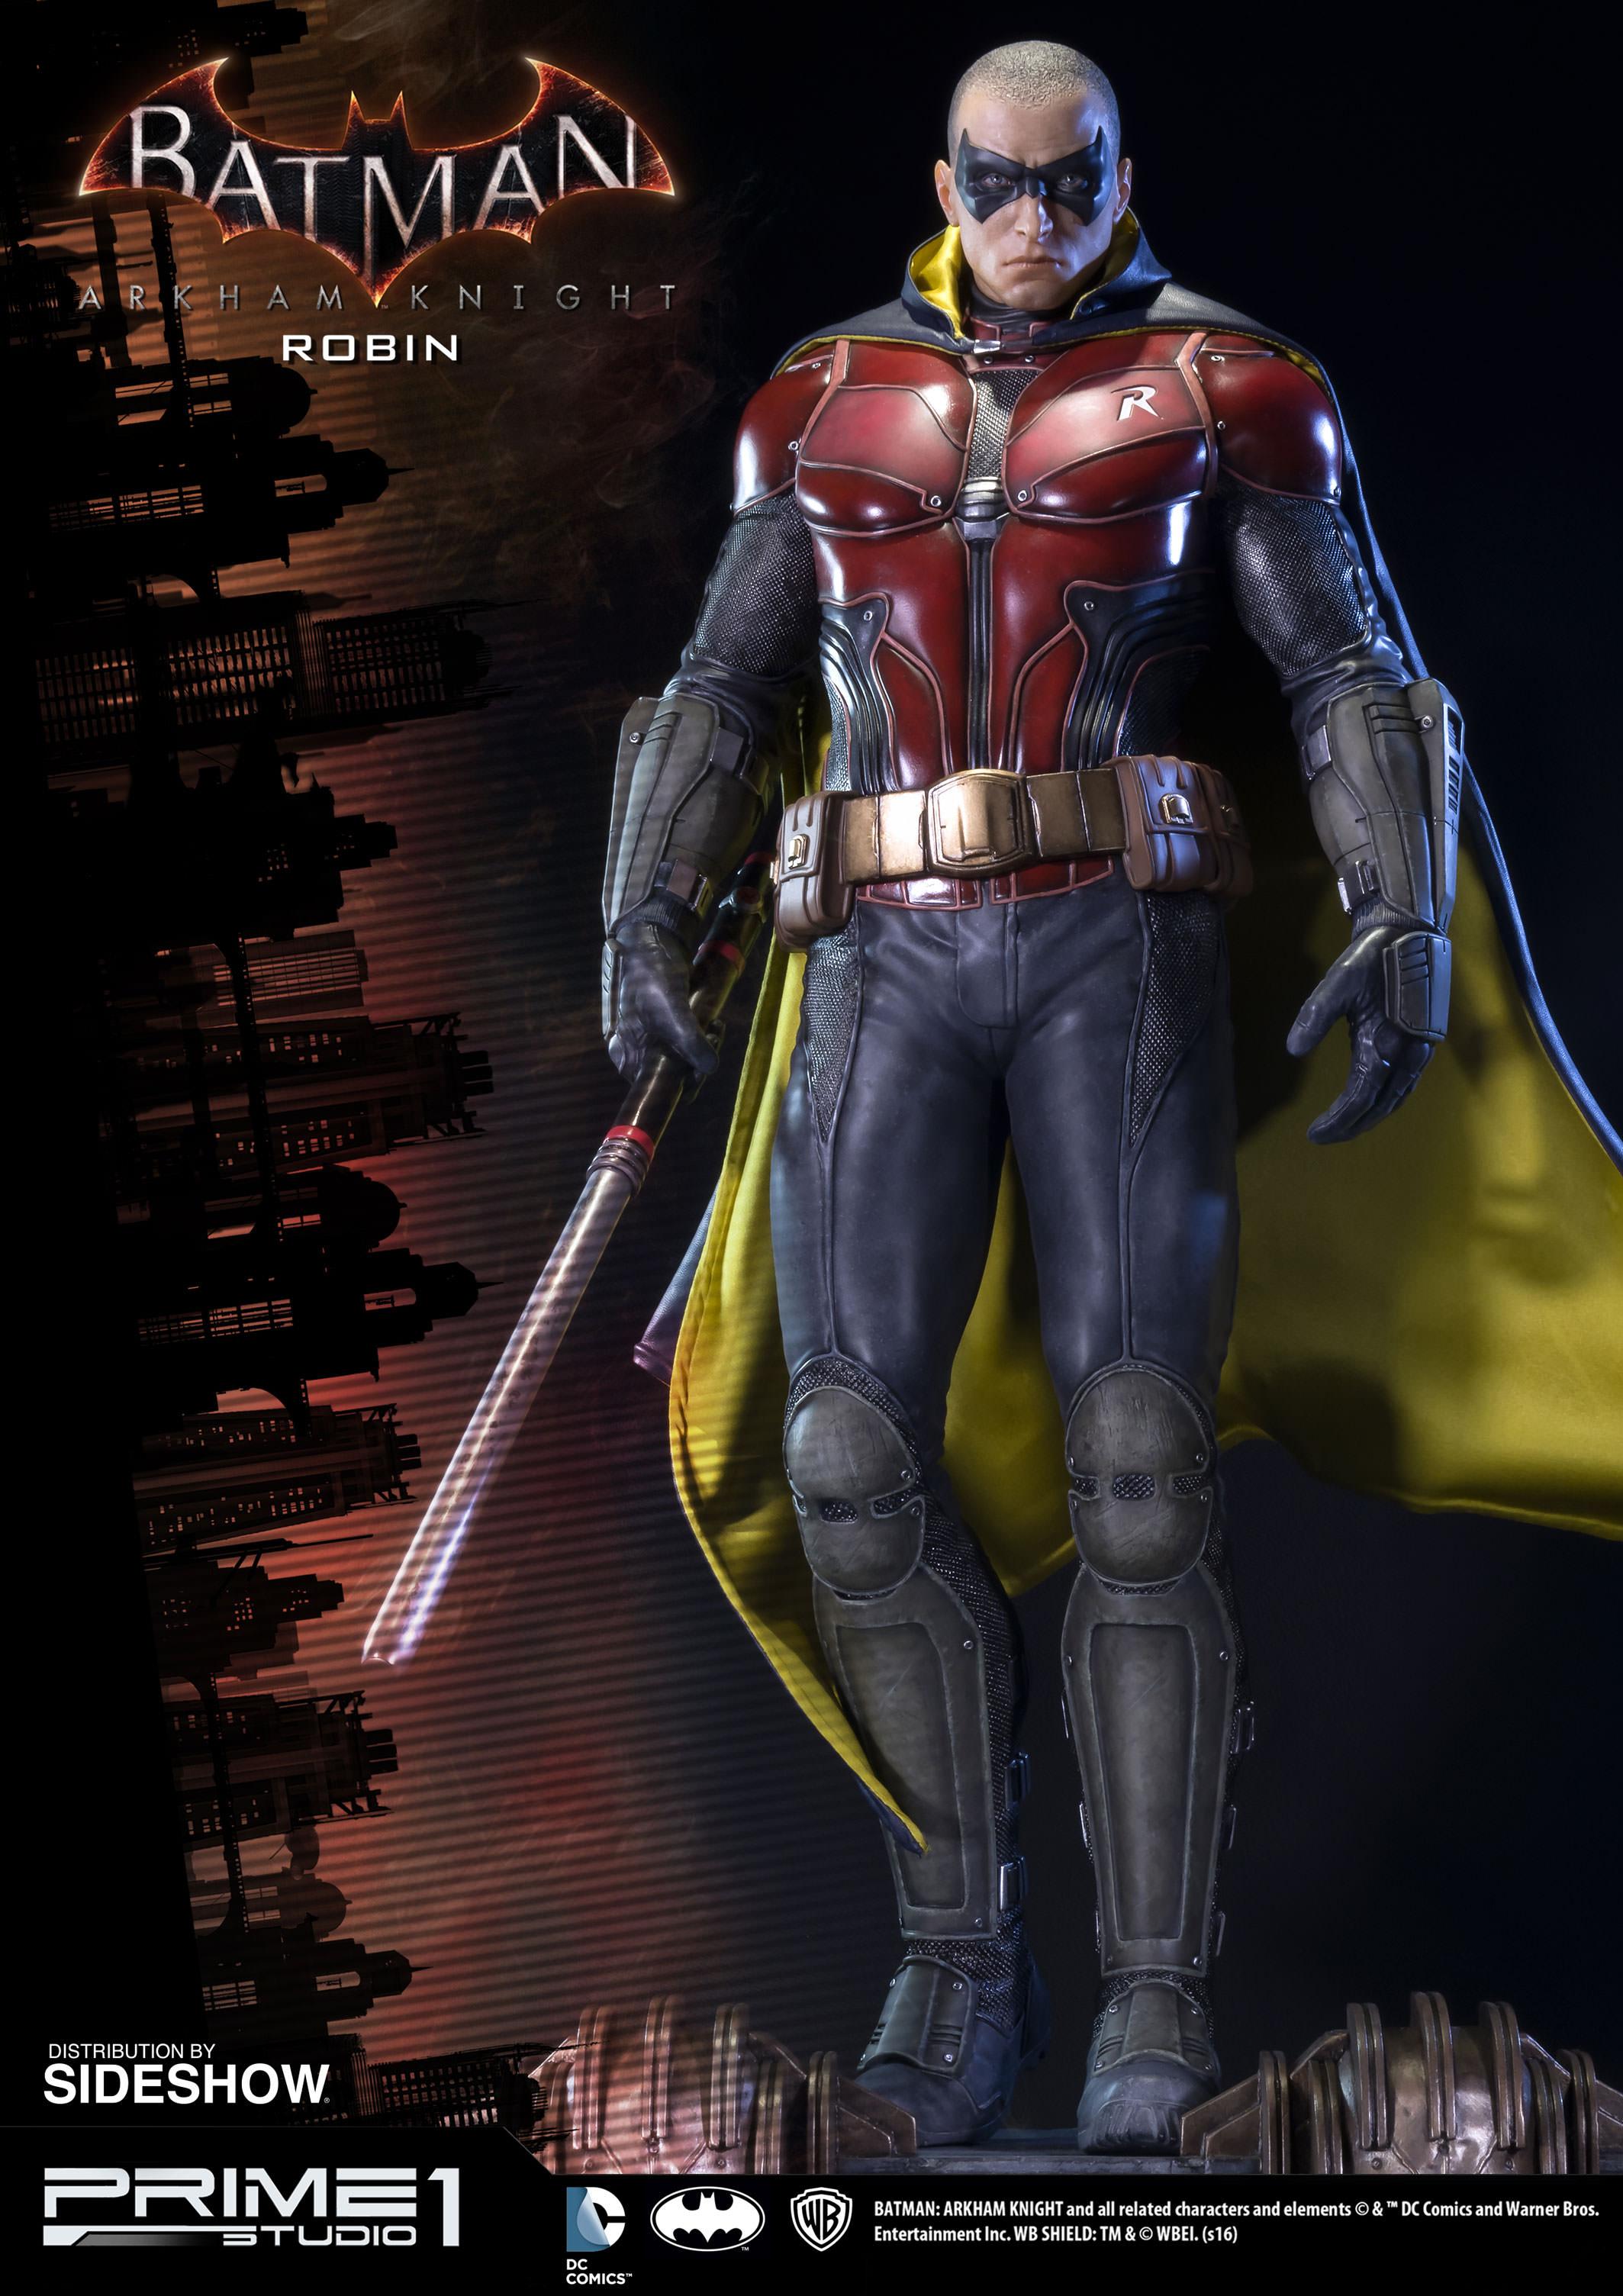 Batman arkham knight red robin